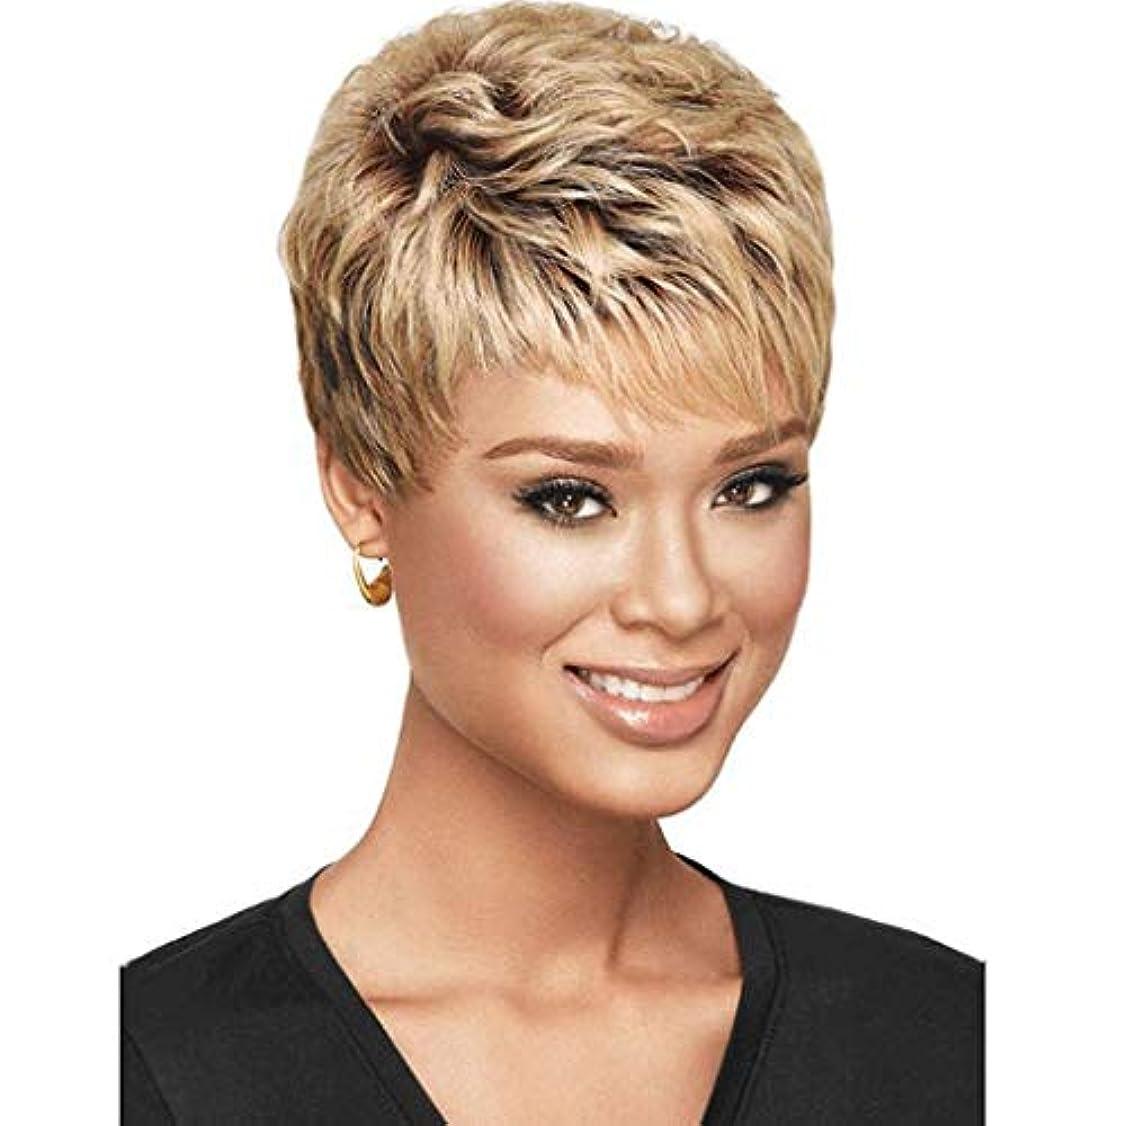 いらいらさせるどこにも認める女性ショートヘアふわふわショートヘア高温シルクウィッグキャップ